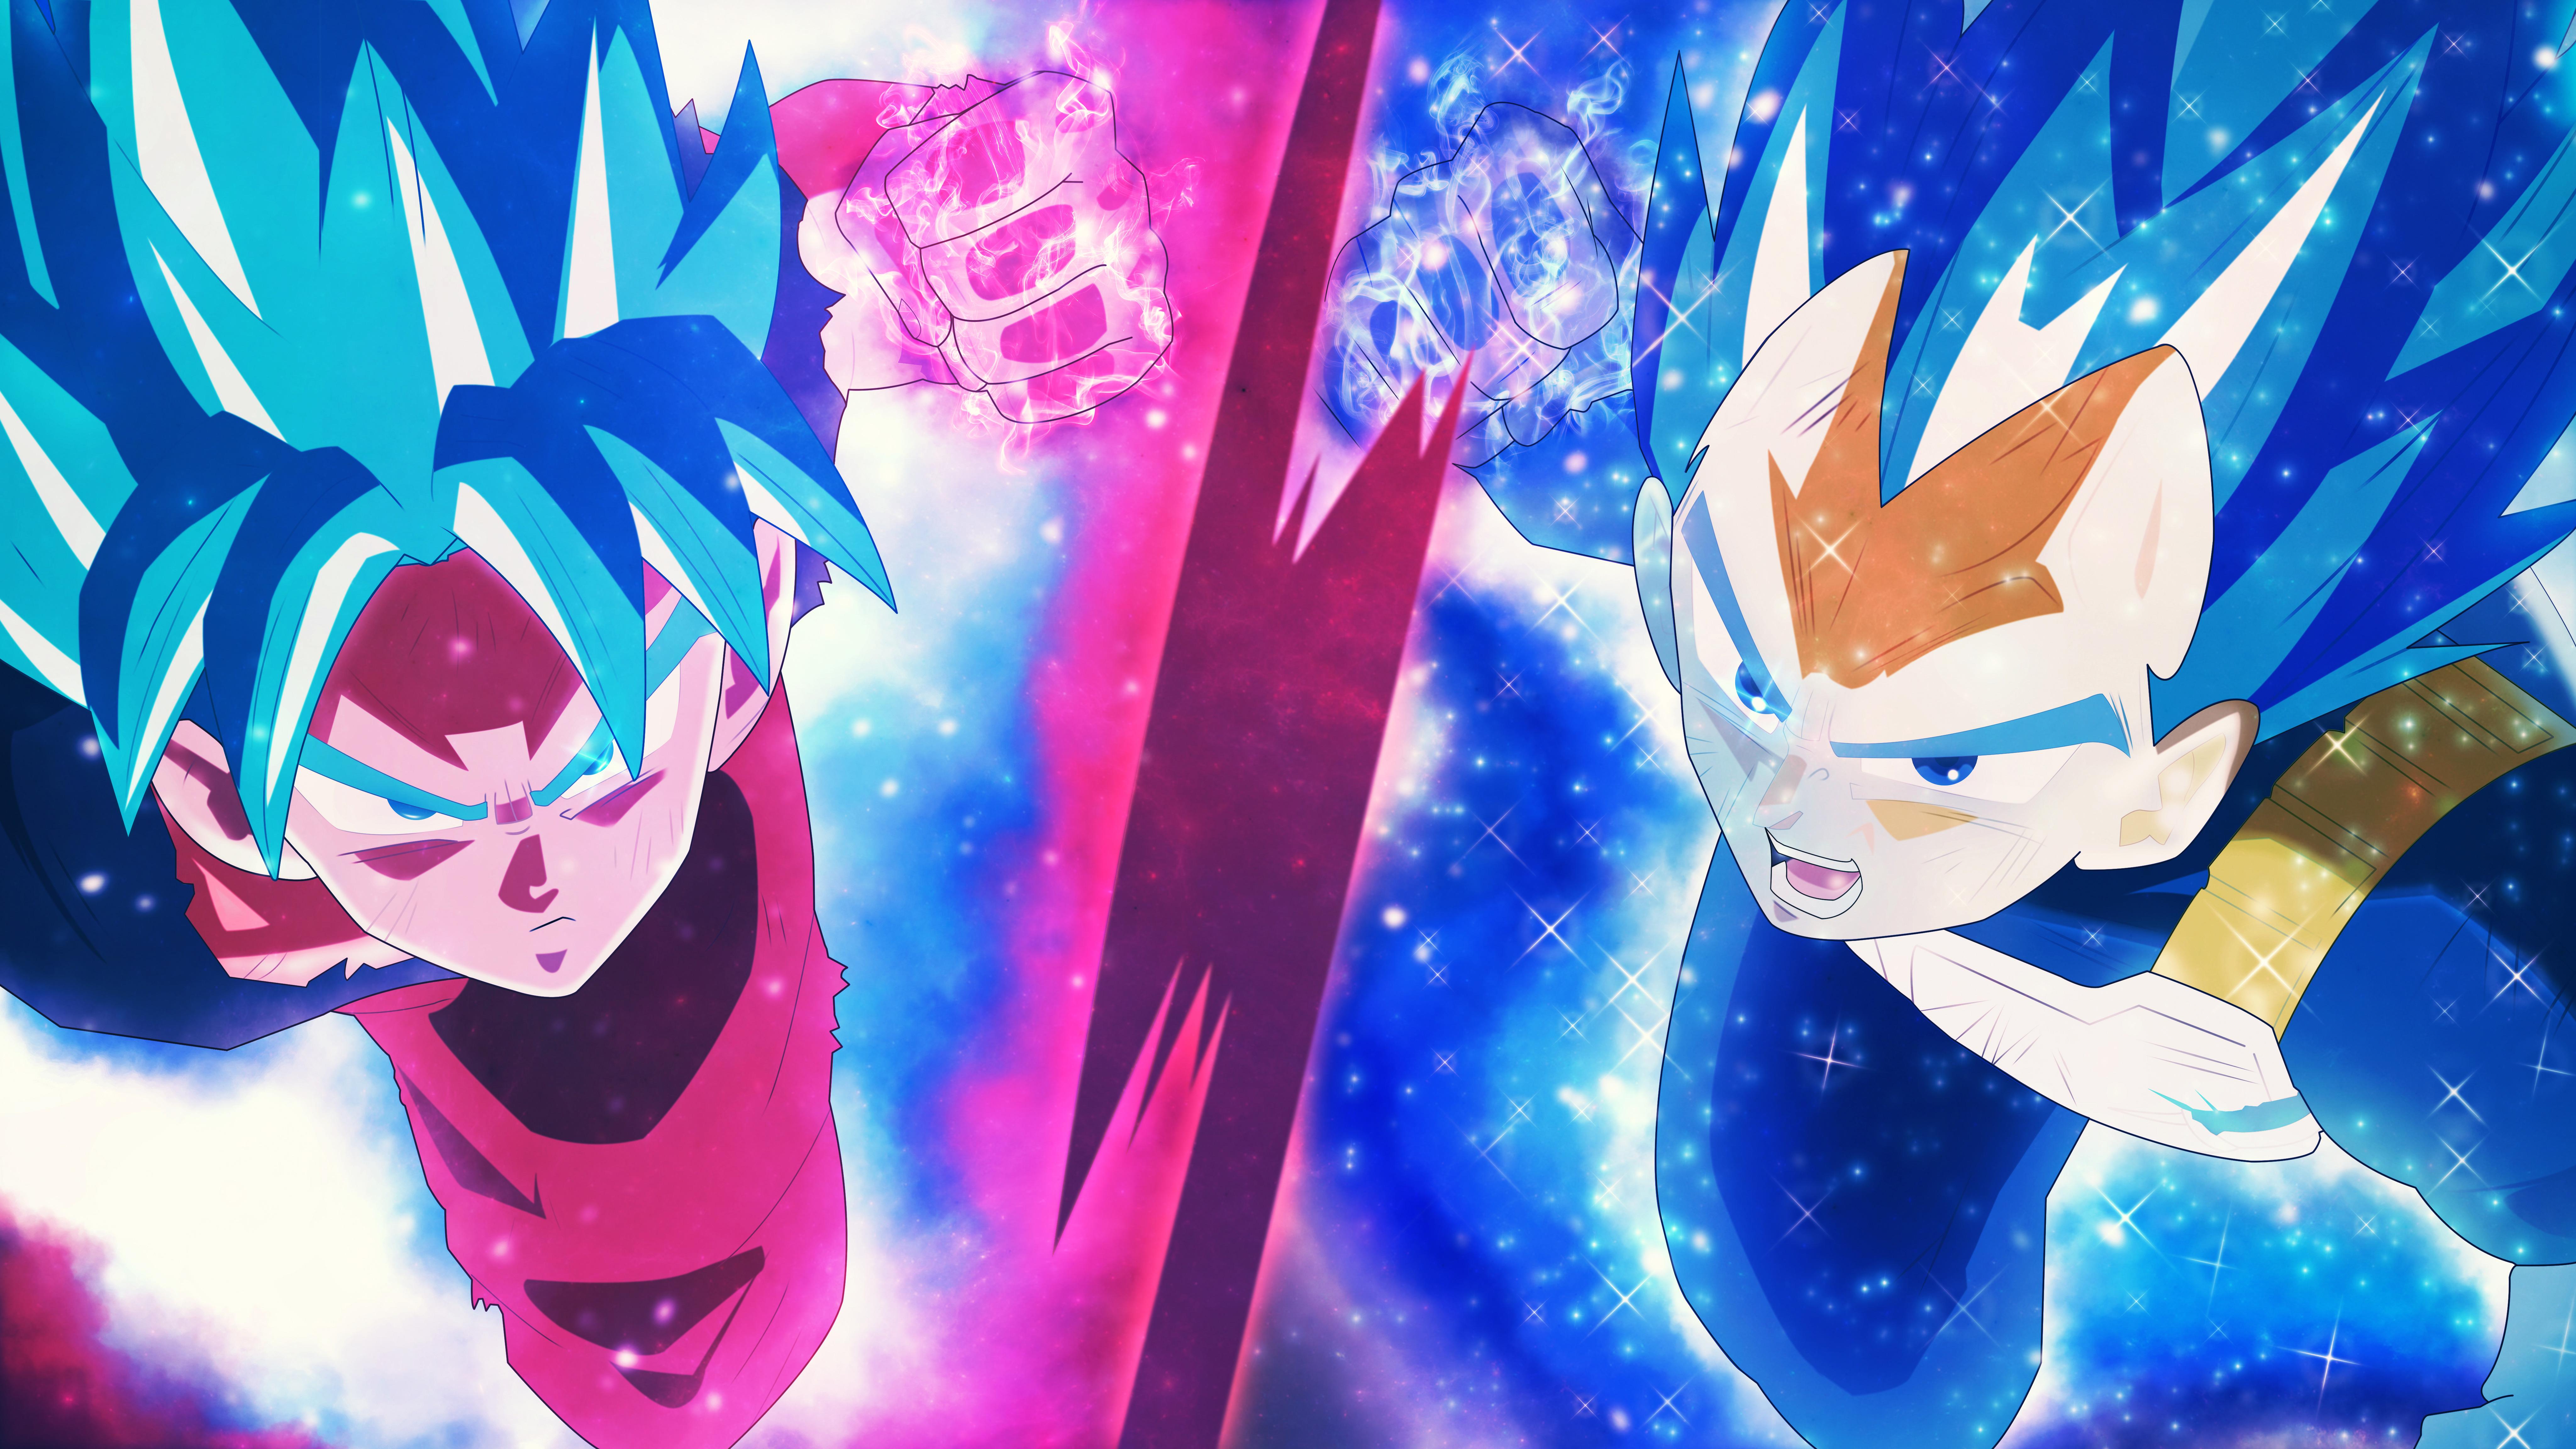 3840x2160 dragon ball super super saiyan blue 8k 4k hd 4k - Vegeta wallpaper 4k for pc ...